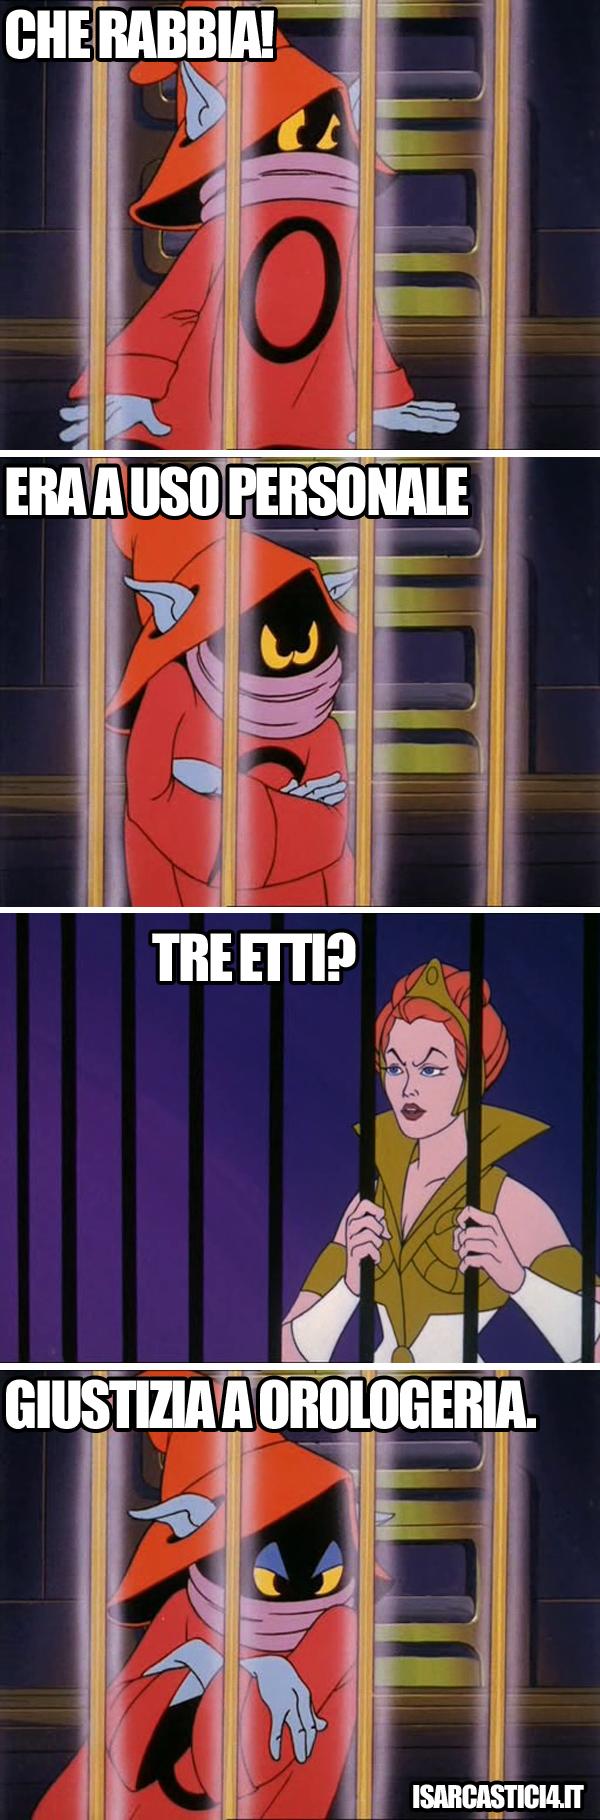 MOTU, Masters Of The Universe meme ita - Ad personam